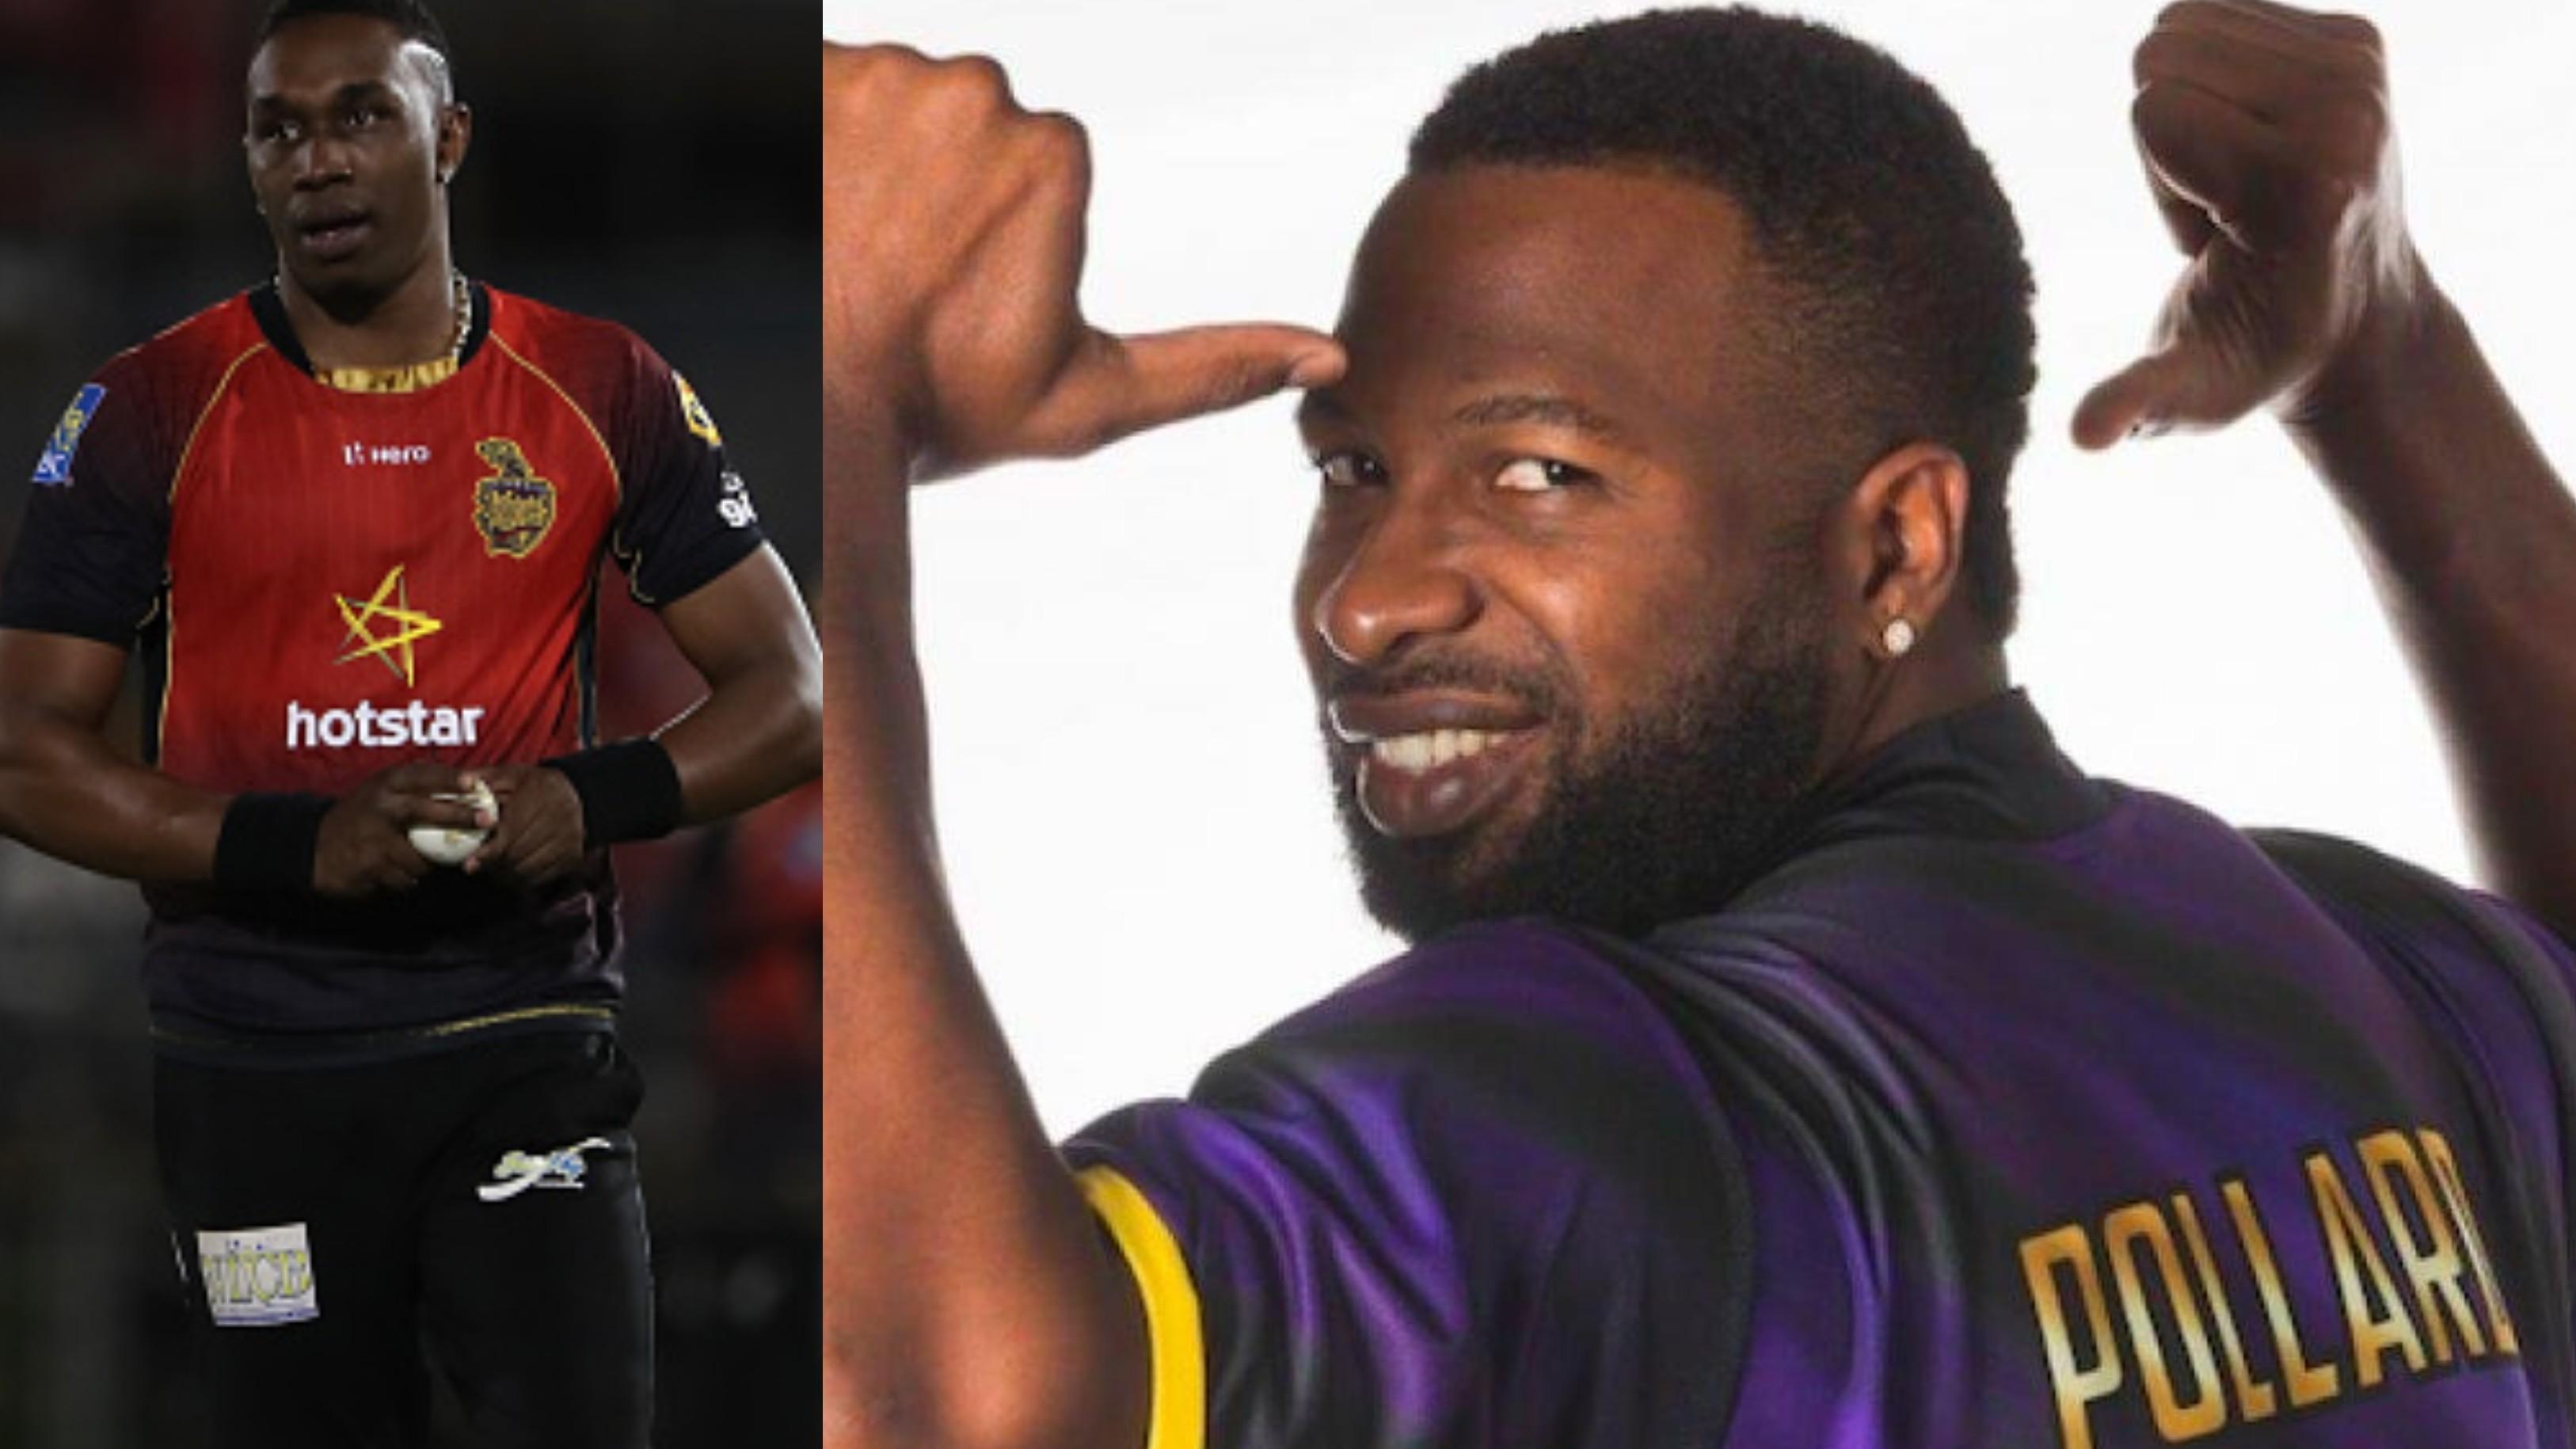 CPL 2019: Trinbago Knight Riders name Kieron Pollard as new captain after Dwayne Bravo suffers an injury